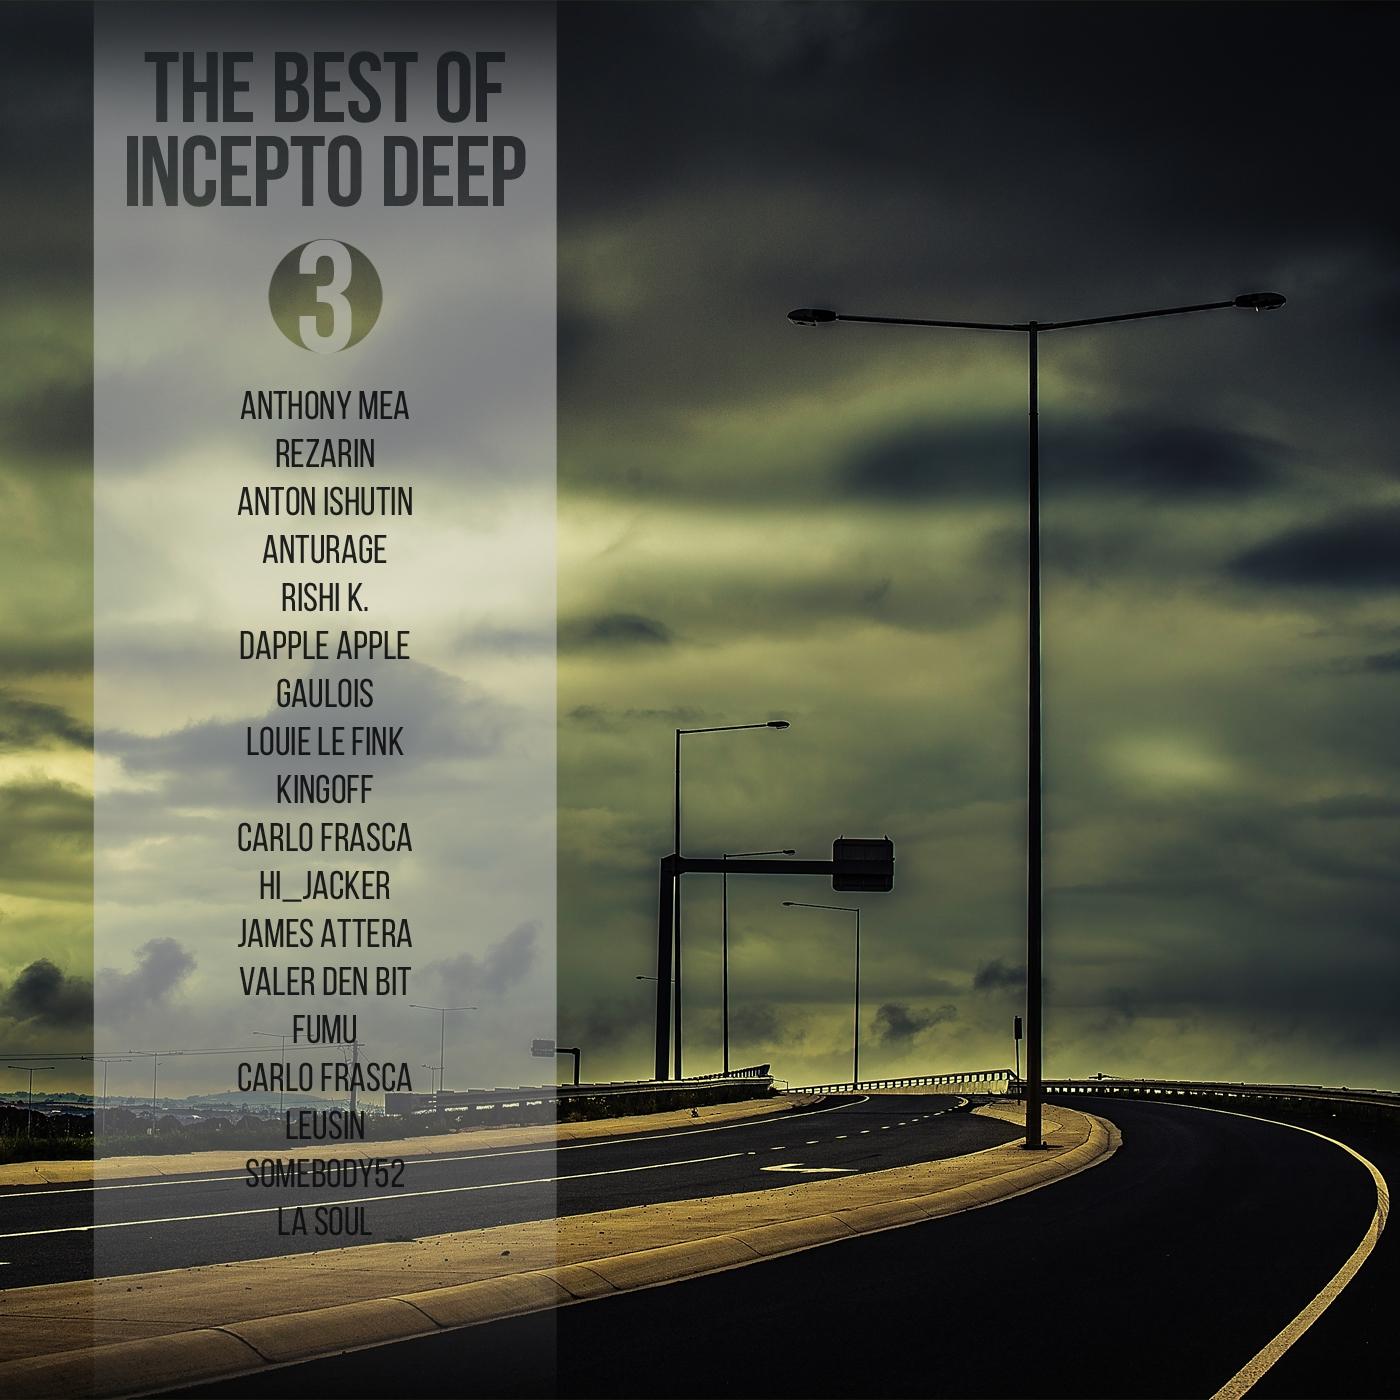 James Attera - The Little Stranger (Original Mix)